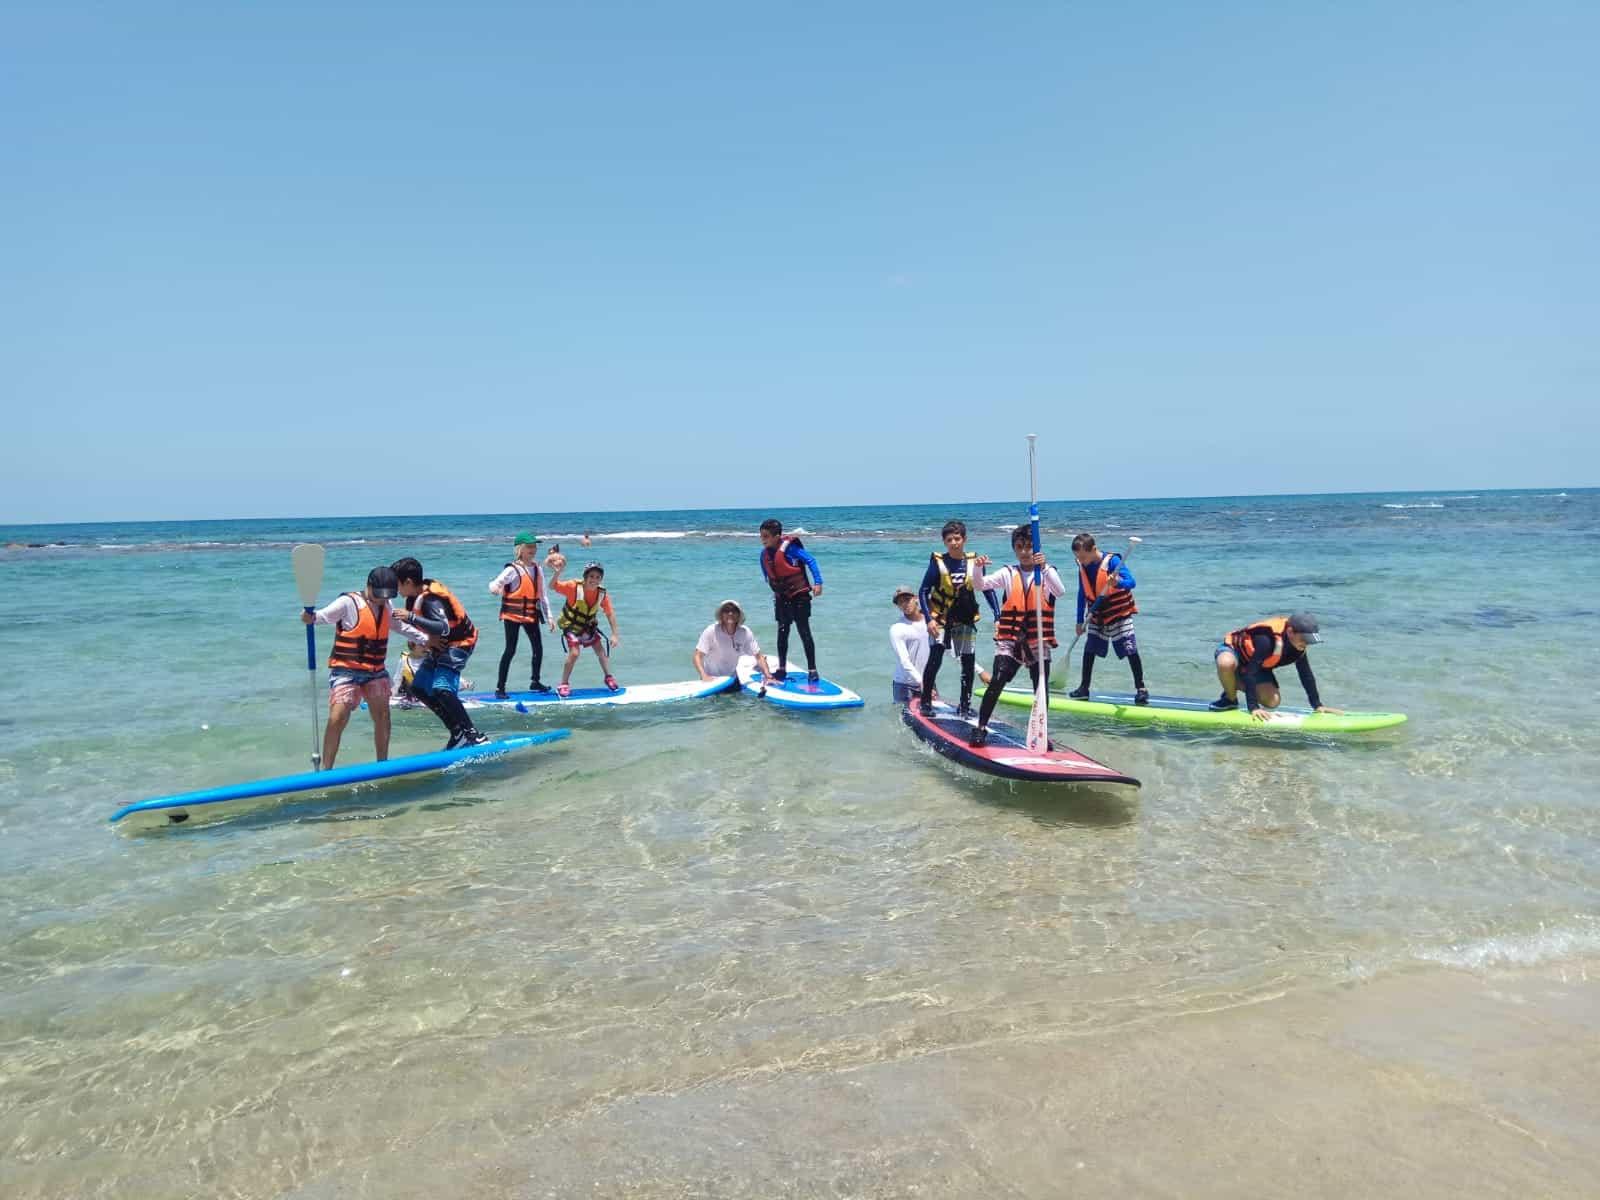 ילדי בת ים חוגגים בחופש הגדול, צילום: פרטי